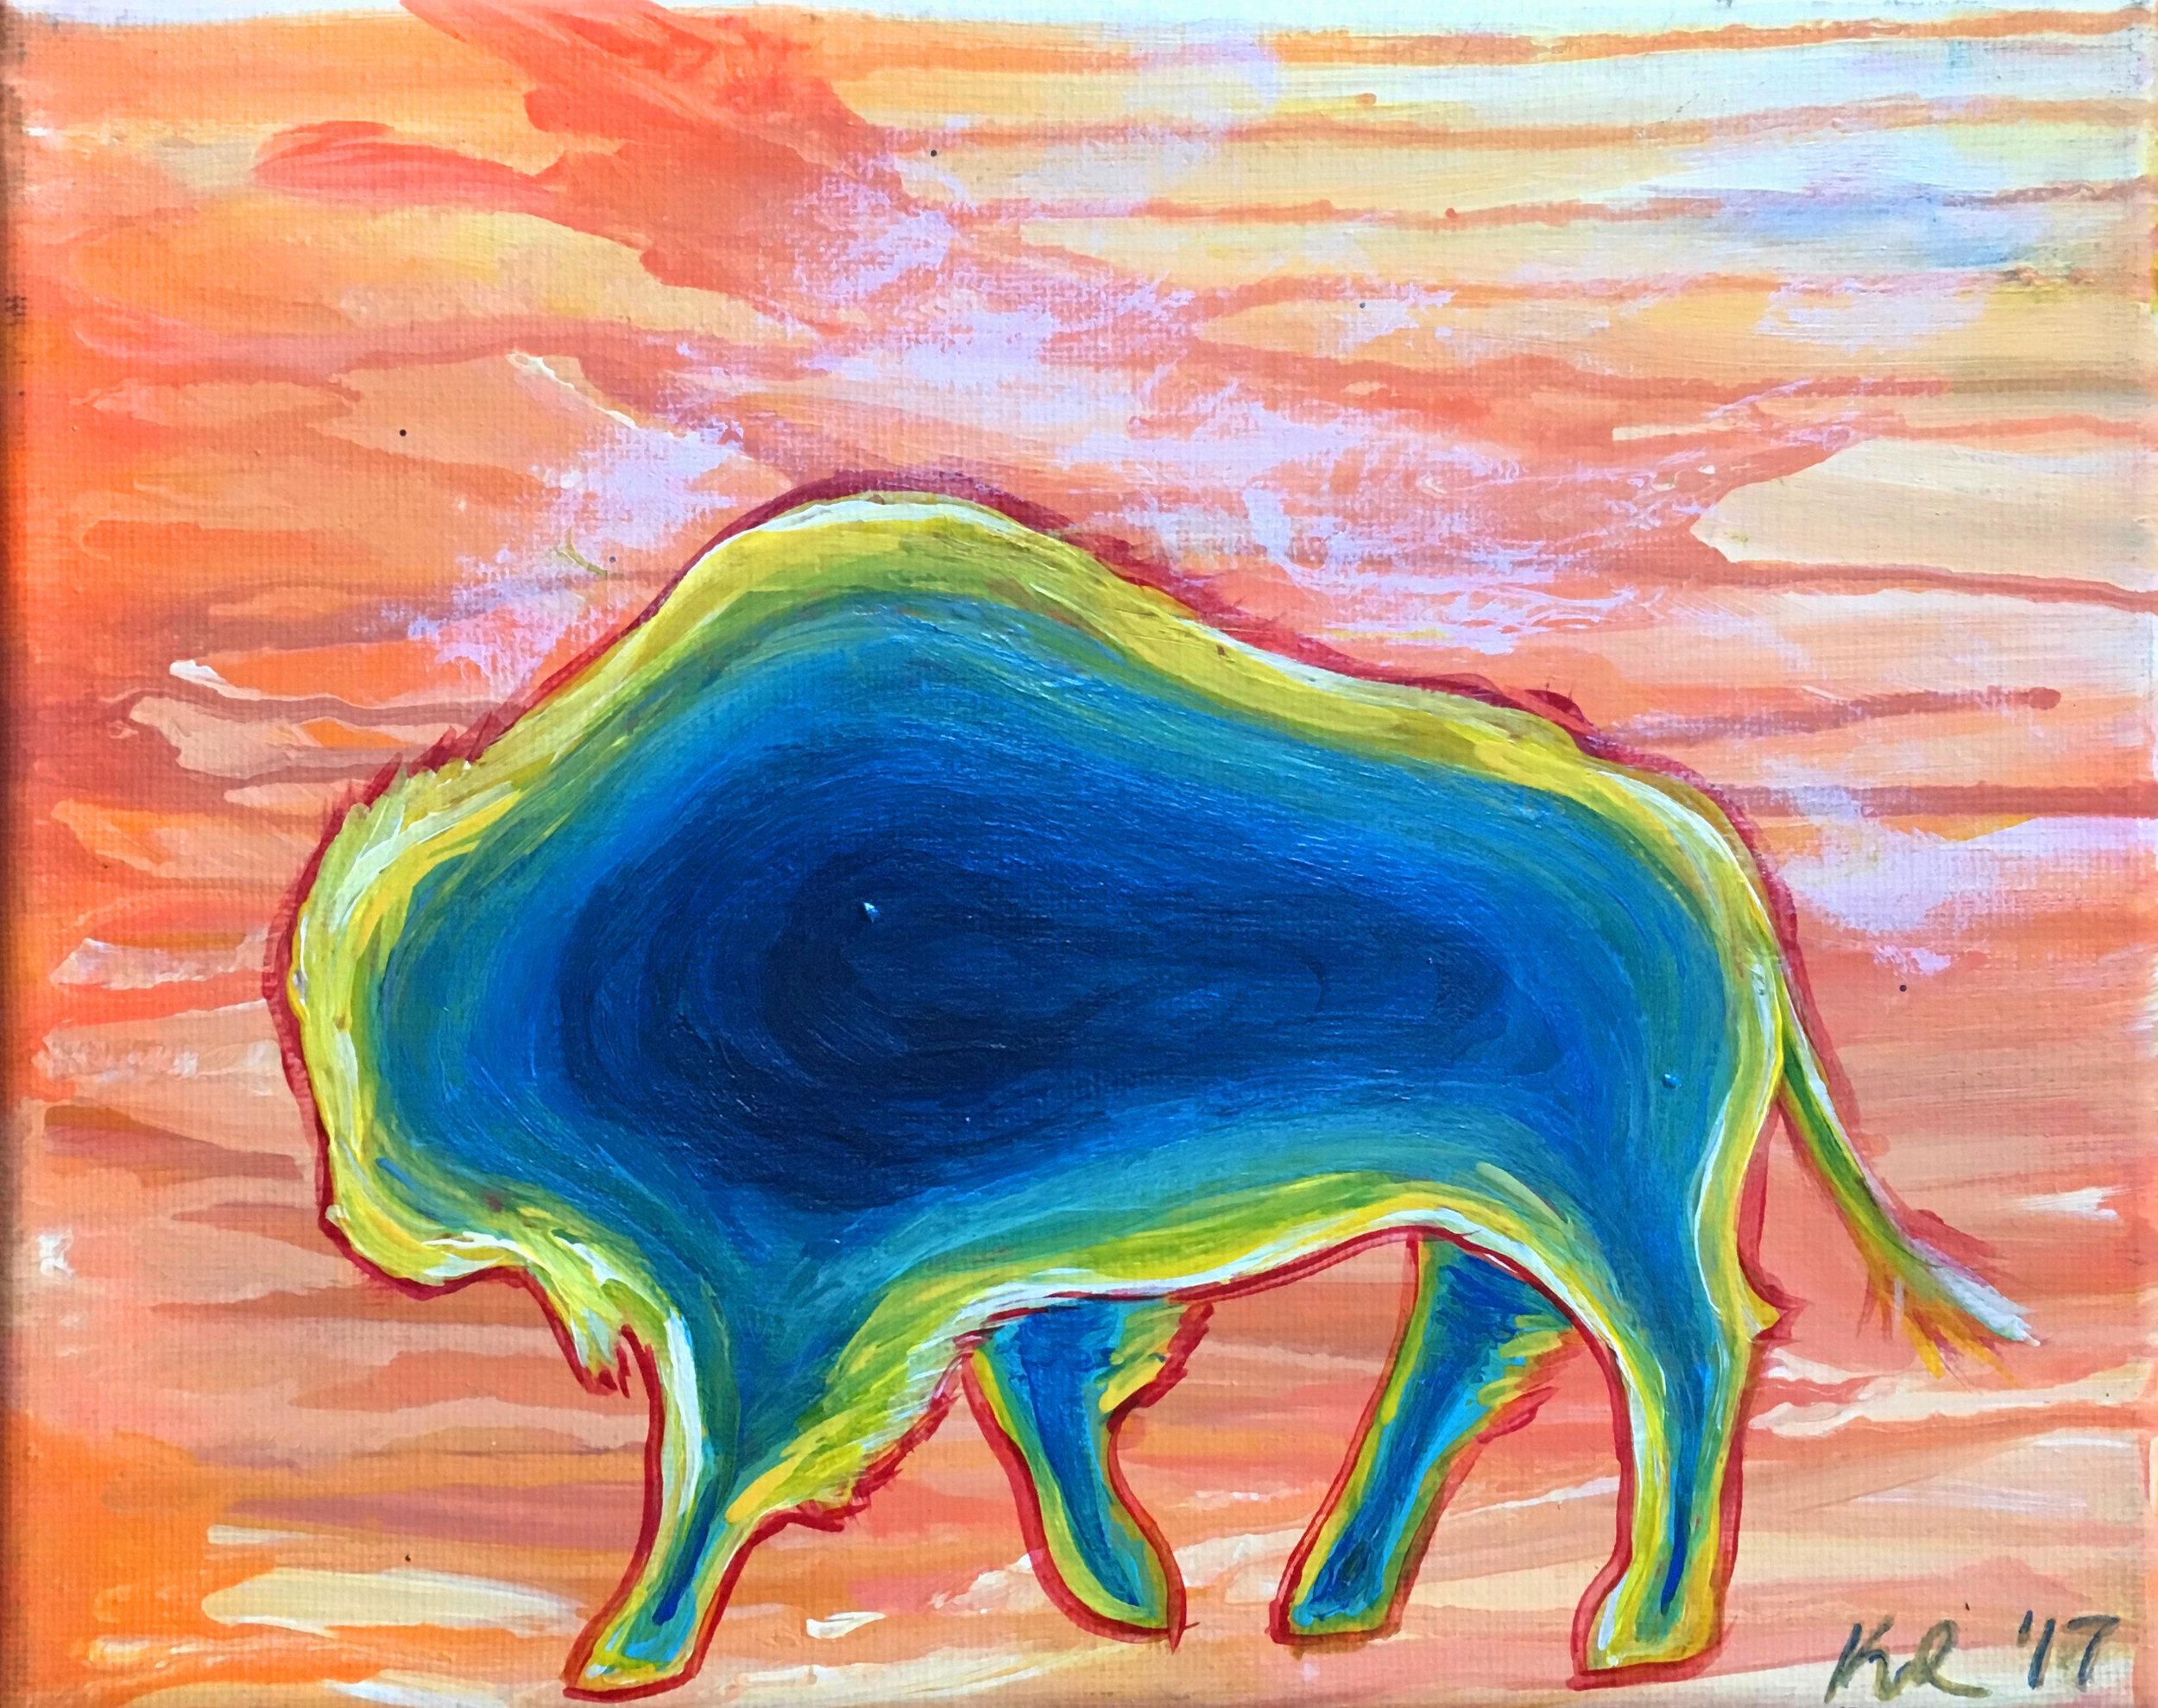 prismatic bison